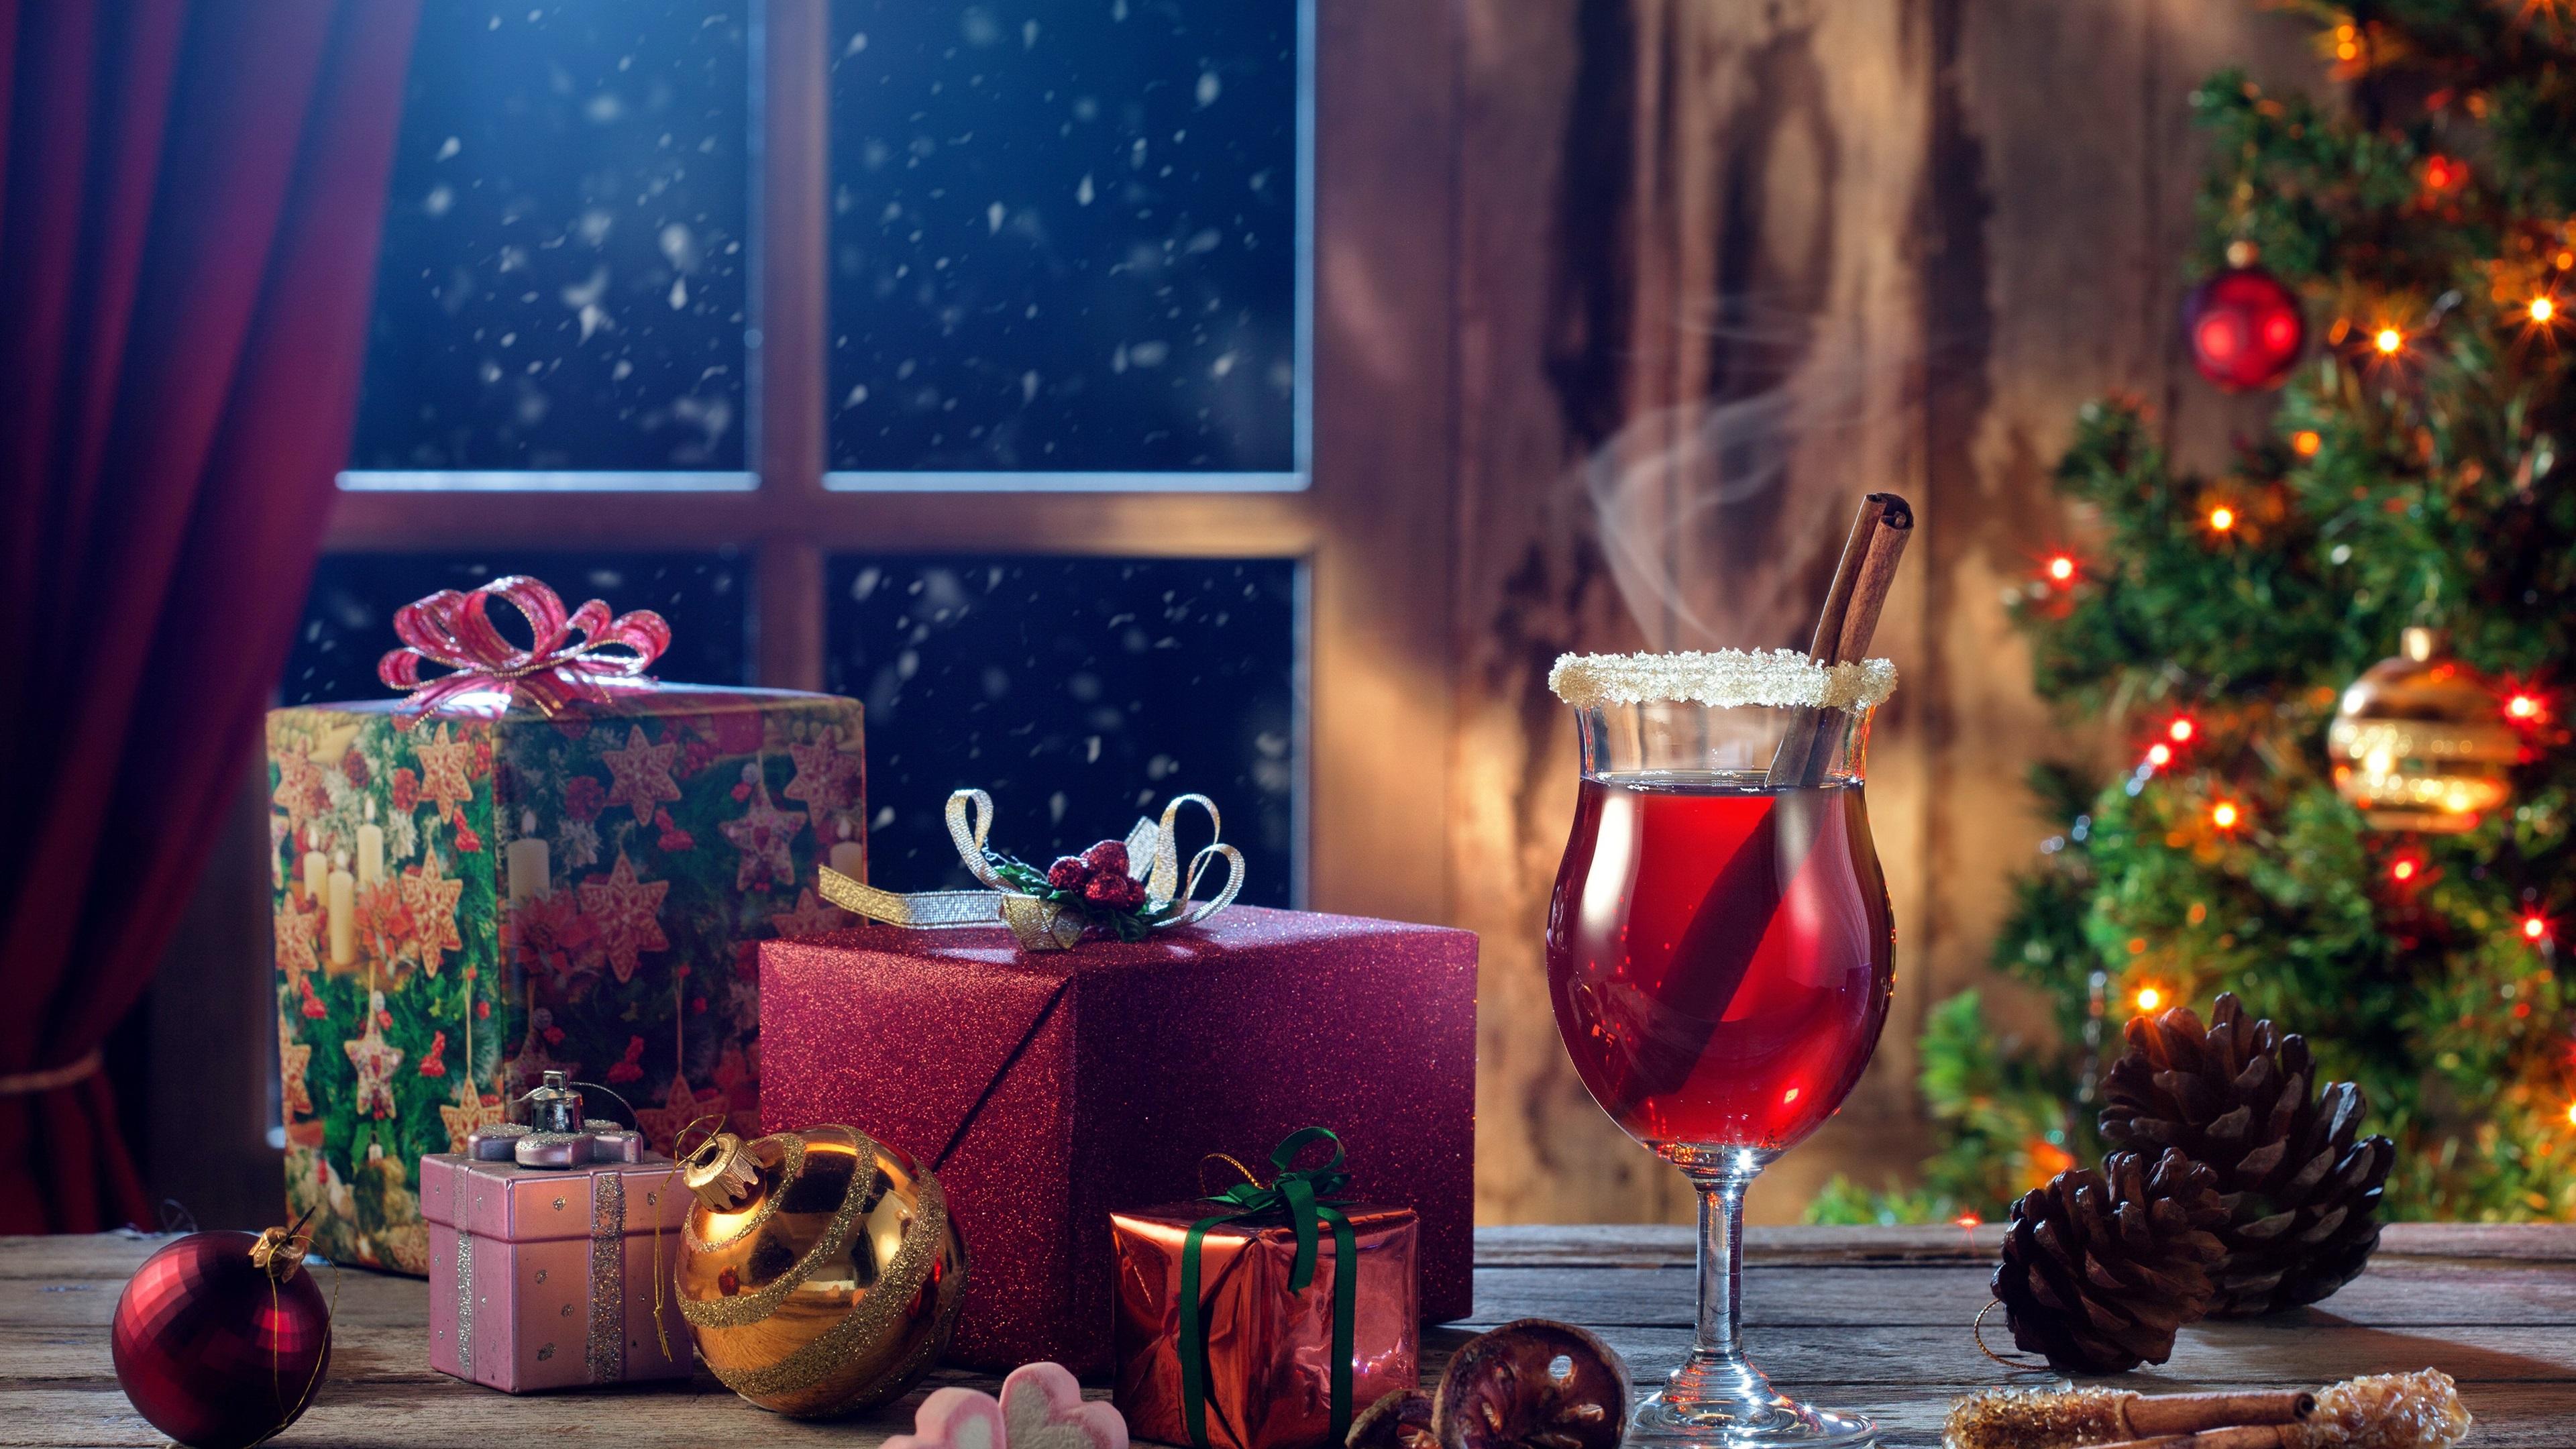 Fonds D écran Joyeux Noël Cadeaux Vin Boules Fenêtre